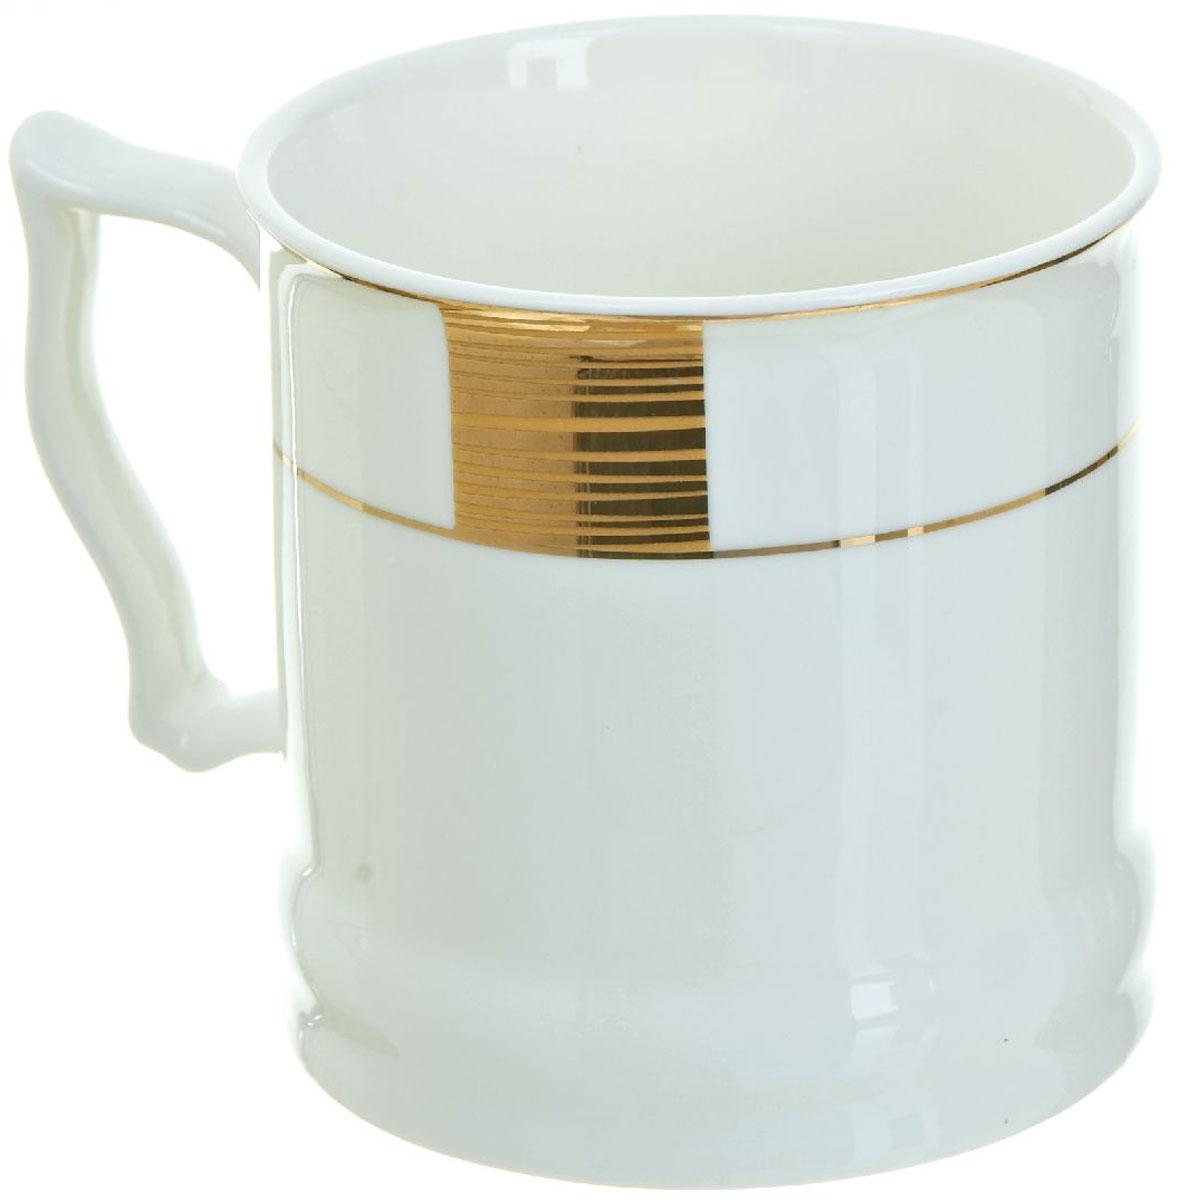 Кружка BHP Королевская кружка, 500 мл. 18700101870010Оригинальная кружка Best Home Porcelain, выполненная из высококачественного фарфора, сочетает в себе простой, утонченный дизайн с максимальной функциональностью. Можно использовать в посудомоечной машине.